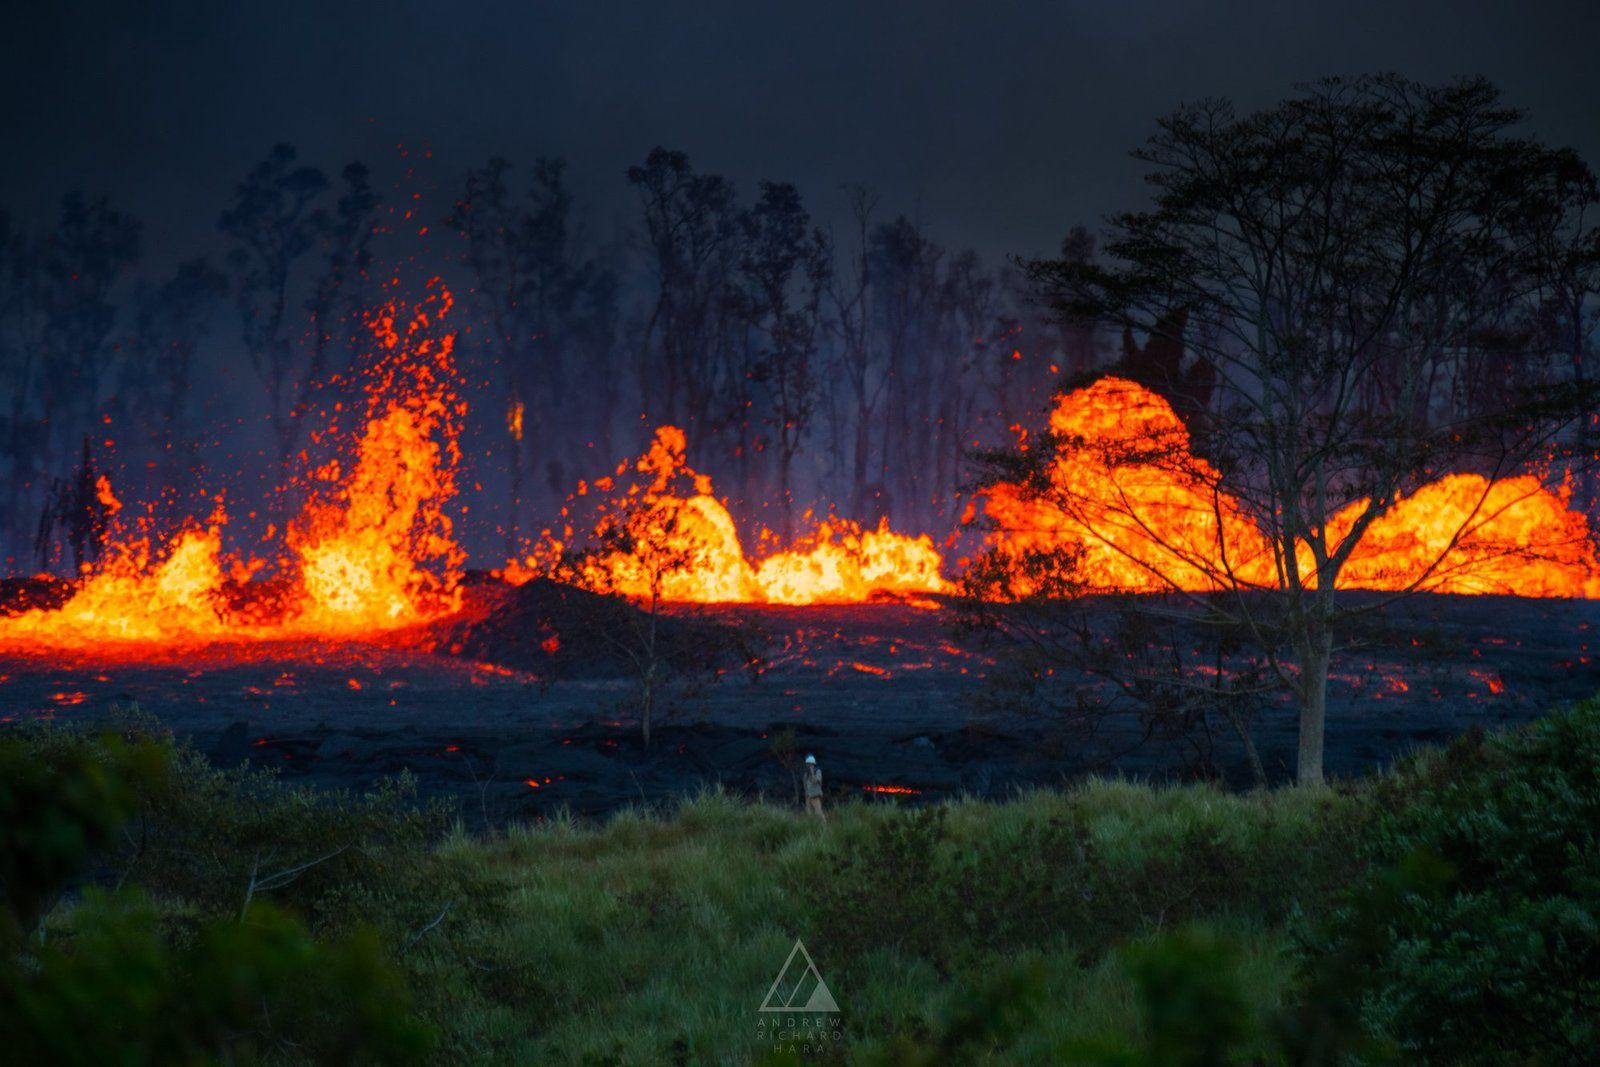 Kilauea - zone de rift Est le 19 .05.2018 ; fountaining actif - un personnage à l'avant-plan donne l'échelle  - photo Andrew Hara  / facebook